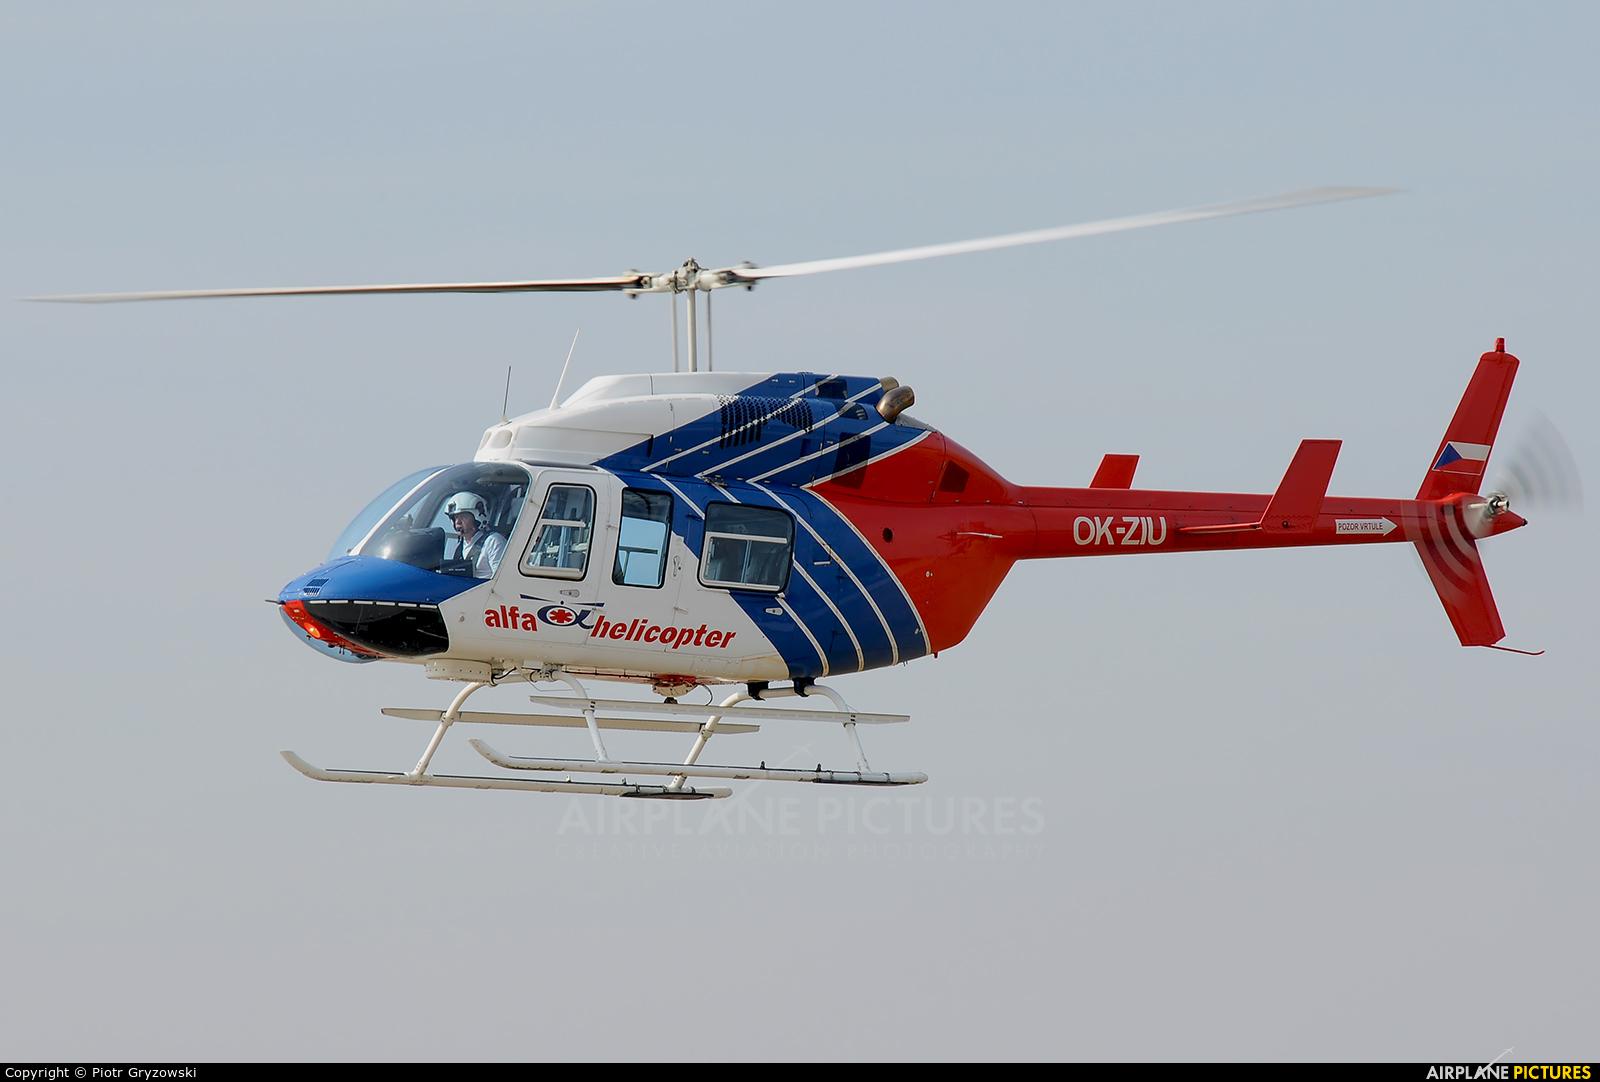 Alfa Helicopter OK-ZIU aircraft at Náměšť nad Oslavou